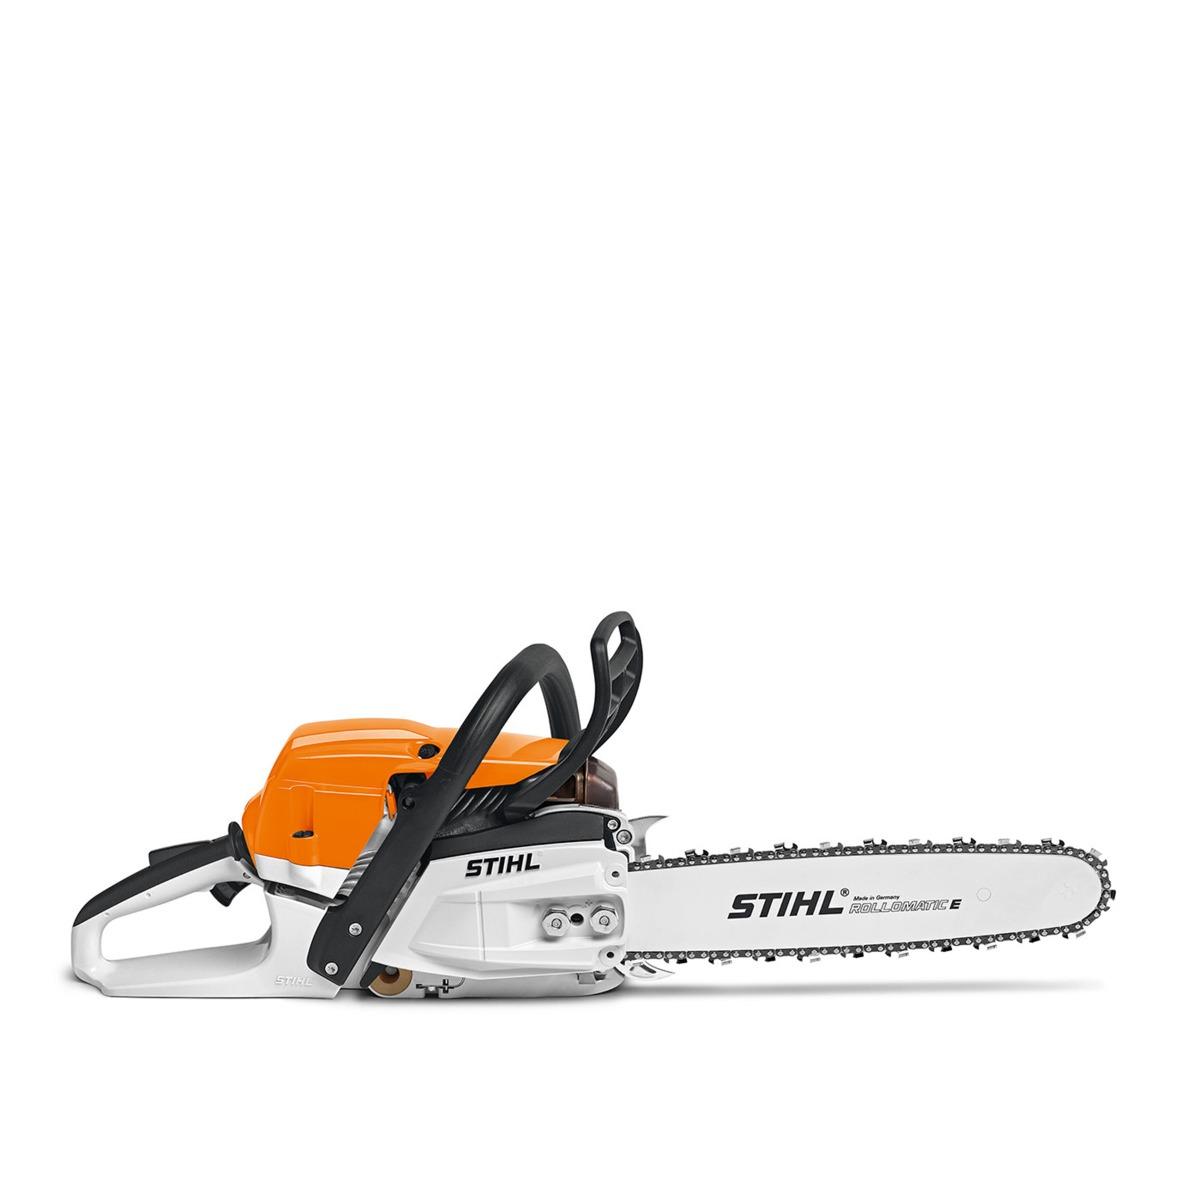 STIHL MS 261 C-M 16